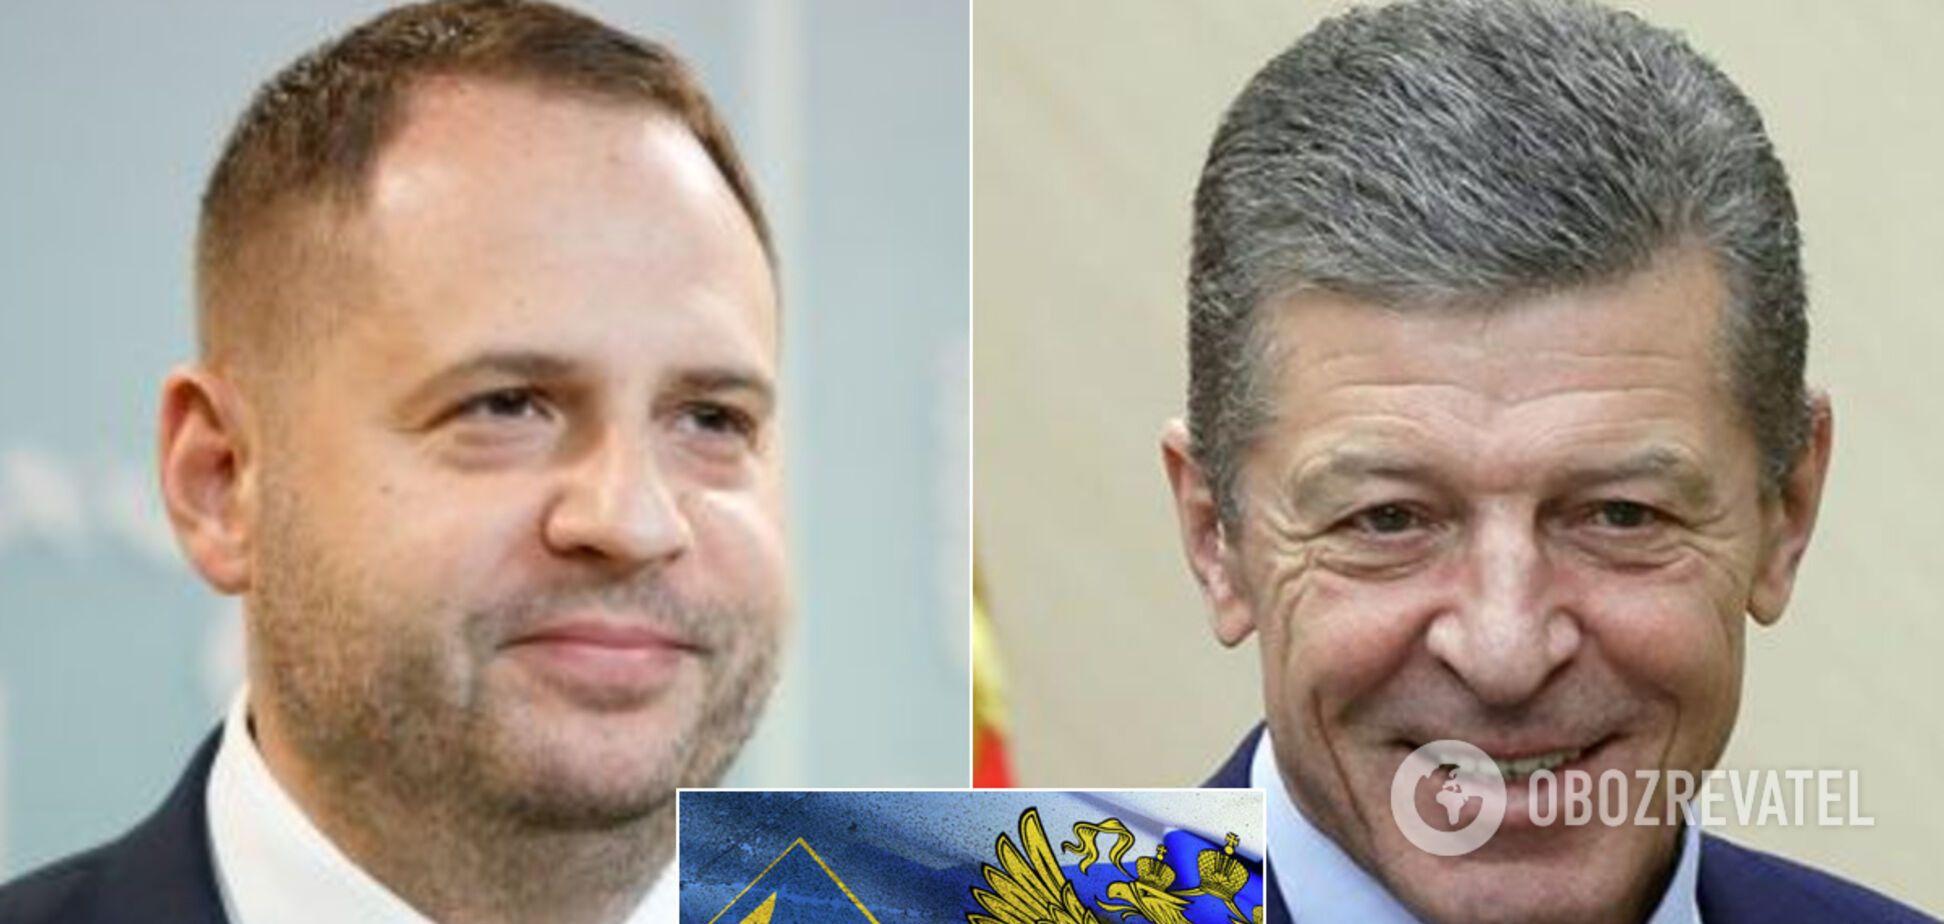 Кремль передал Зеленскому 'черный' список украинских политиков: OBOZREVATEL просит назвать имена